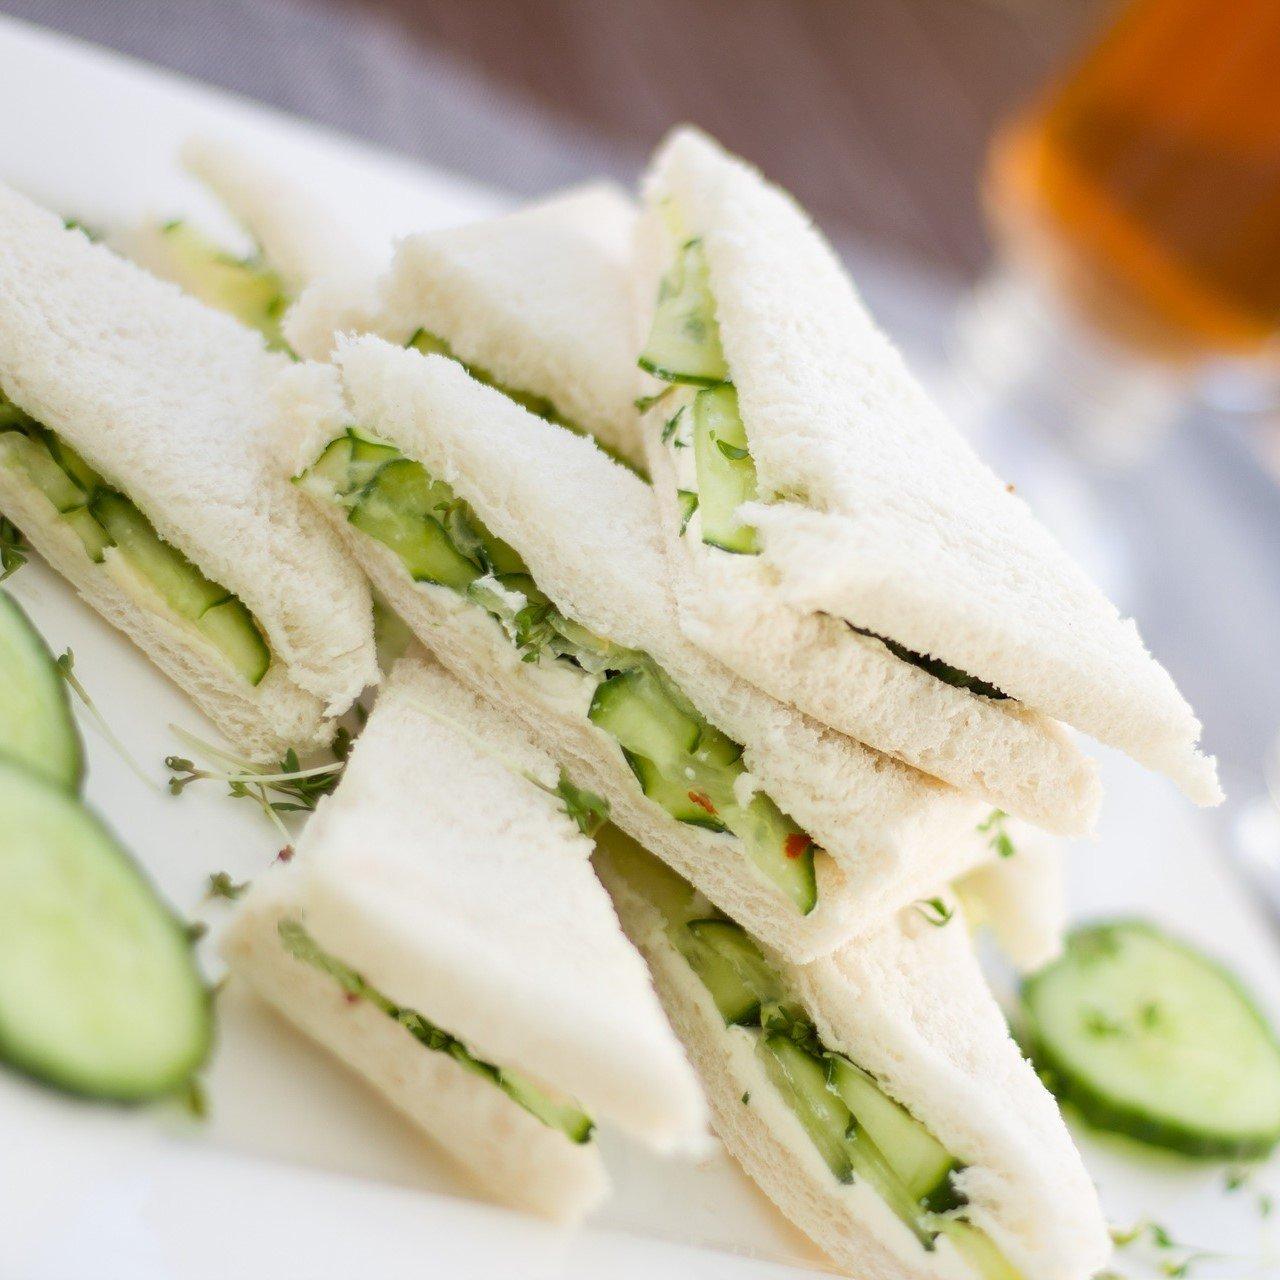 Cucumber and Cream Cheese Sandwich Recipe